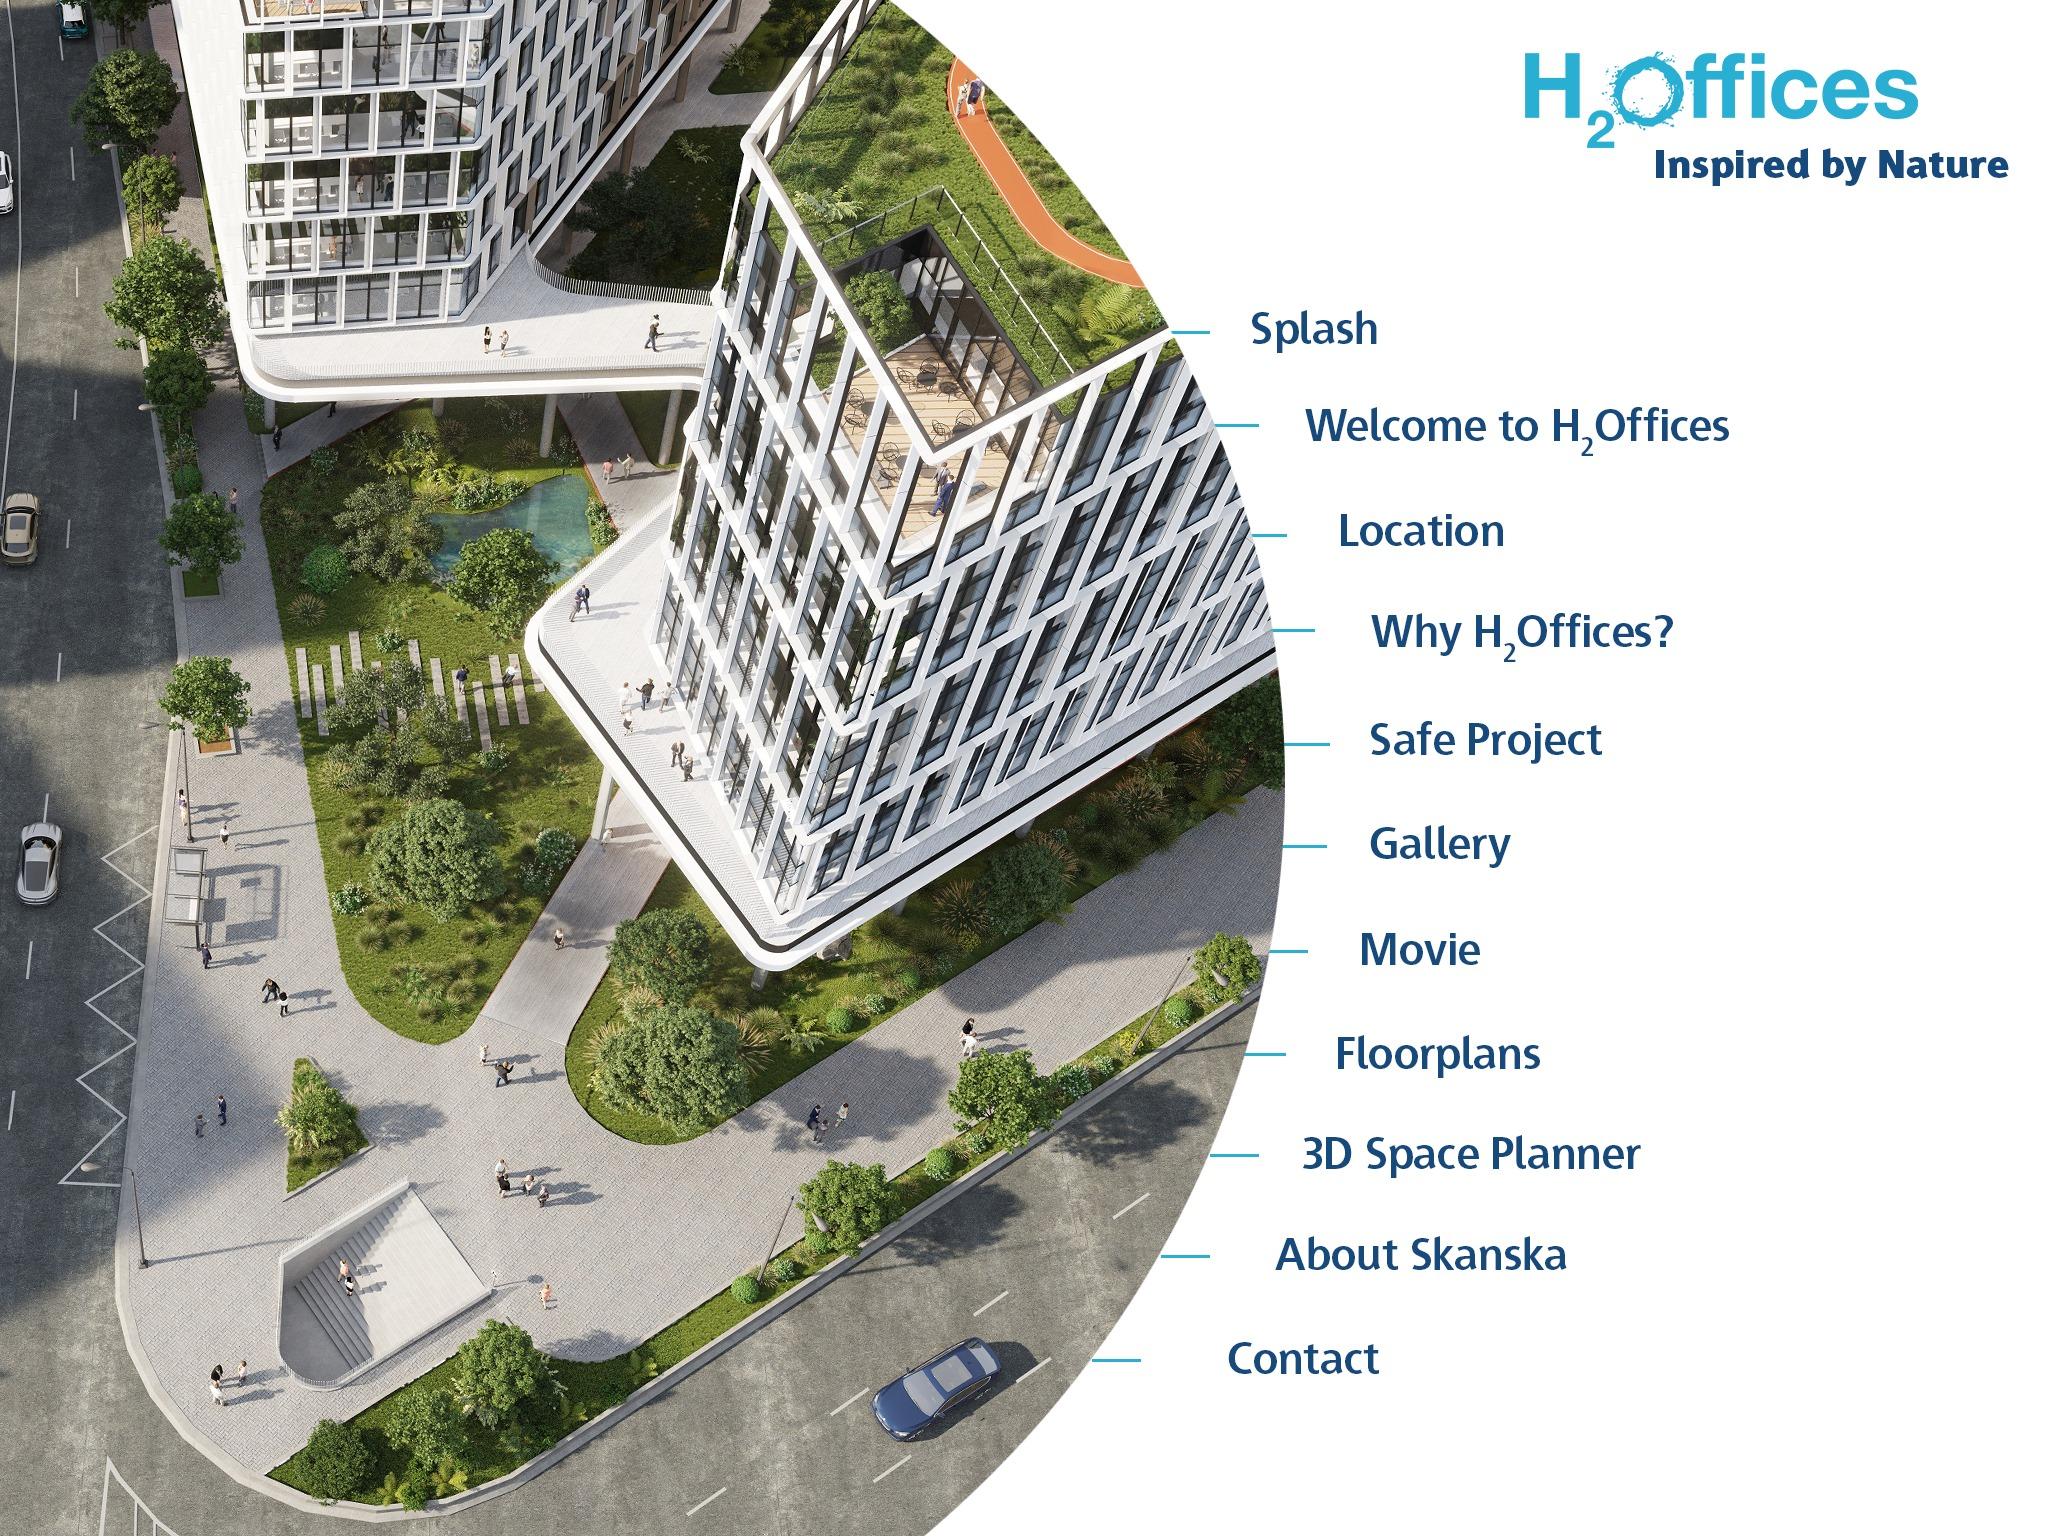 Skanska alkalmazás mutatja be új irodaprojektjét, az H2Offices komplexumot